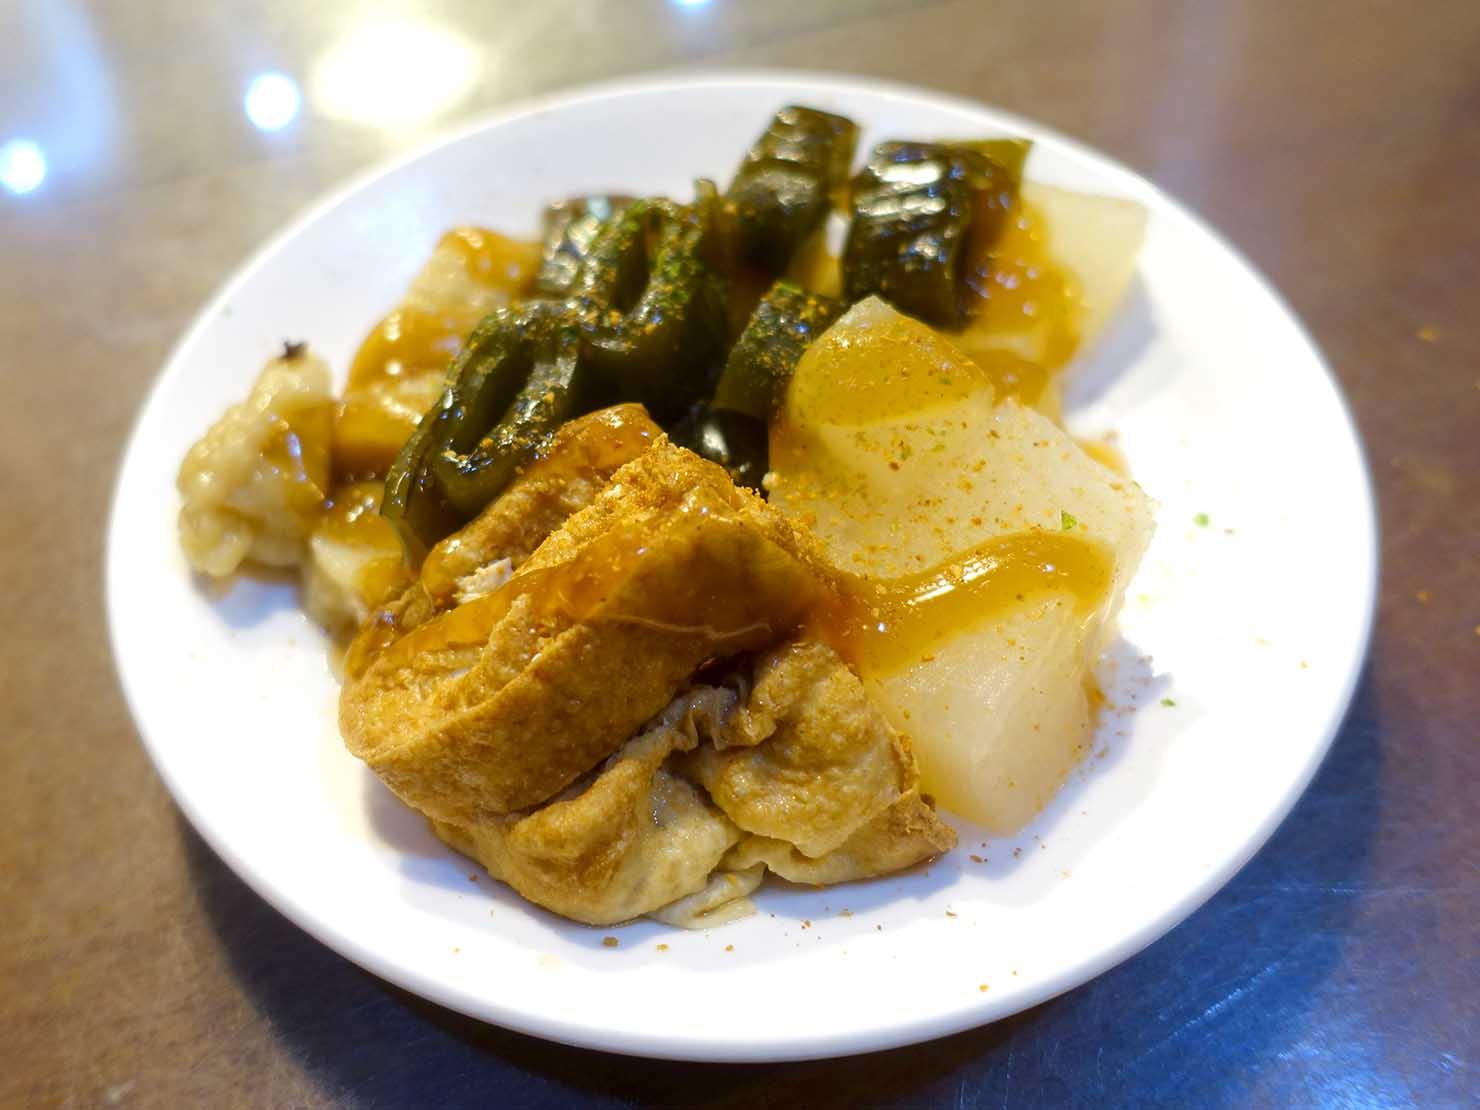 台南・孔廟エリアのおすすめグルメ店「保哥黑輪」の關東煮